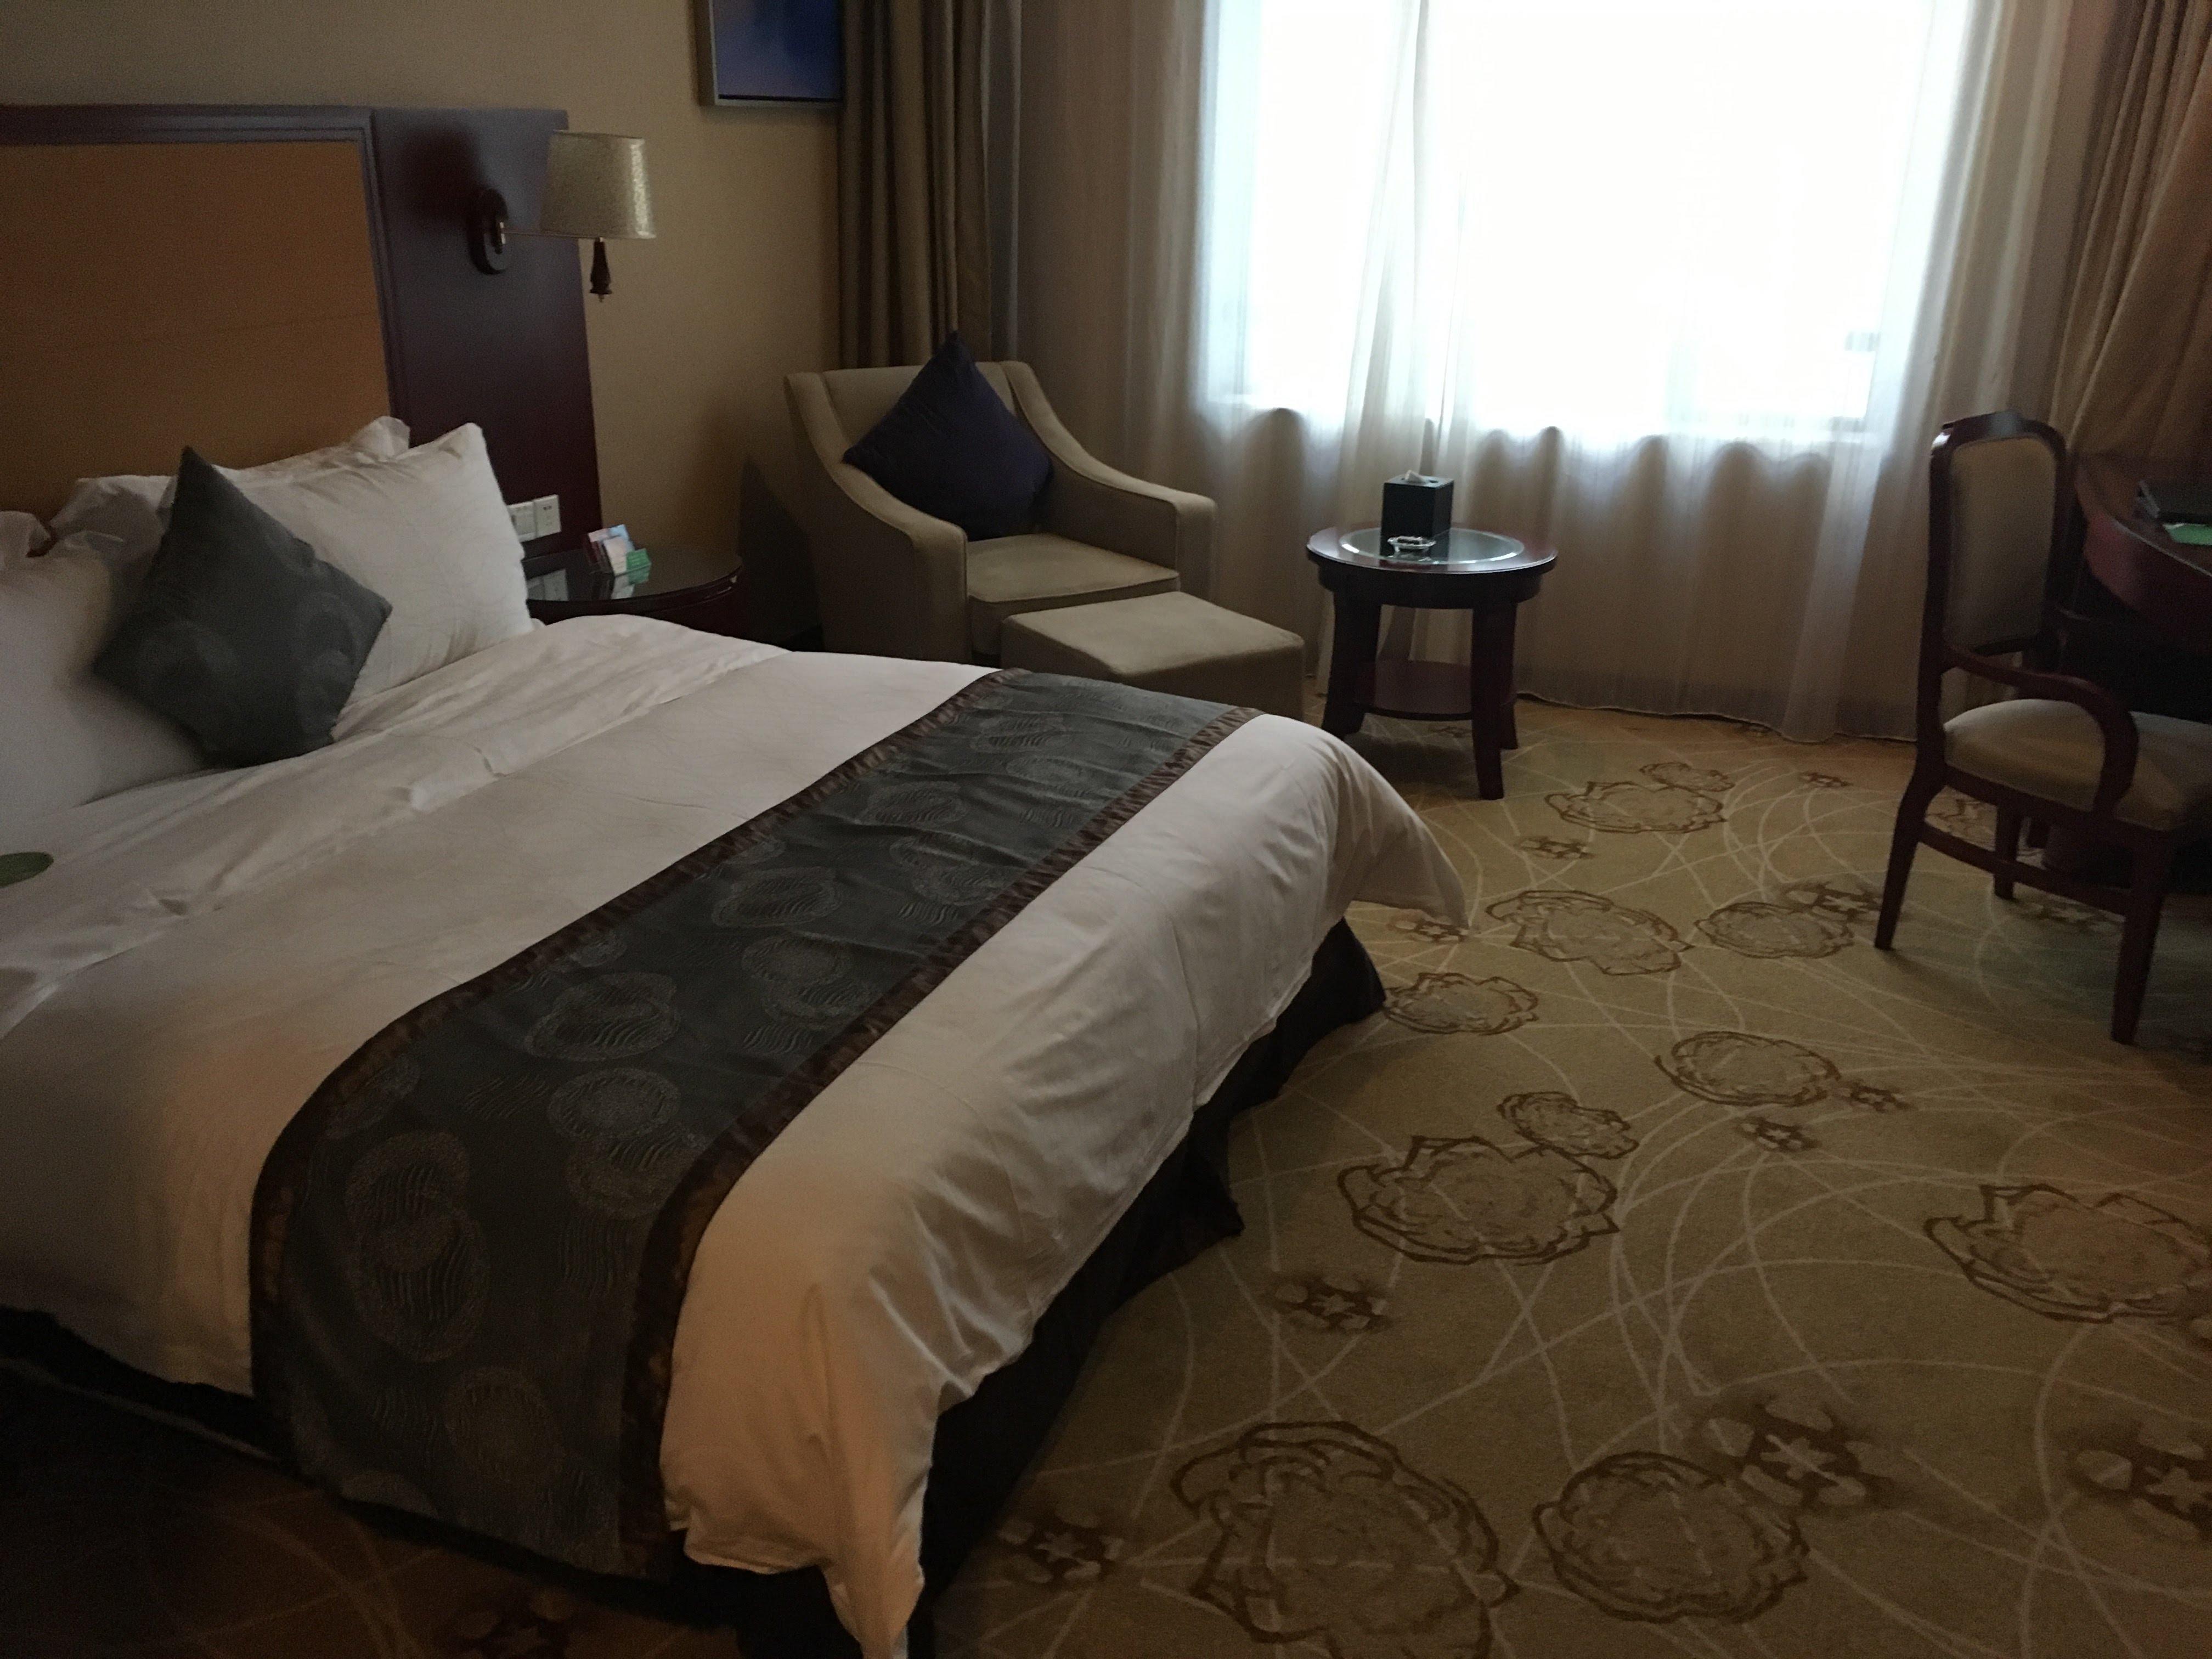 ジアユエホテル(東華嘉悦酒店)